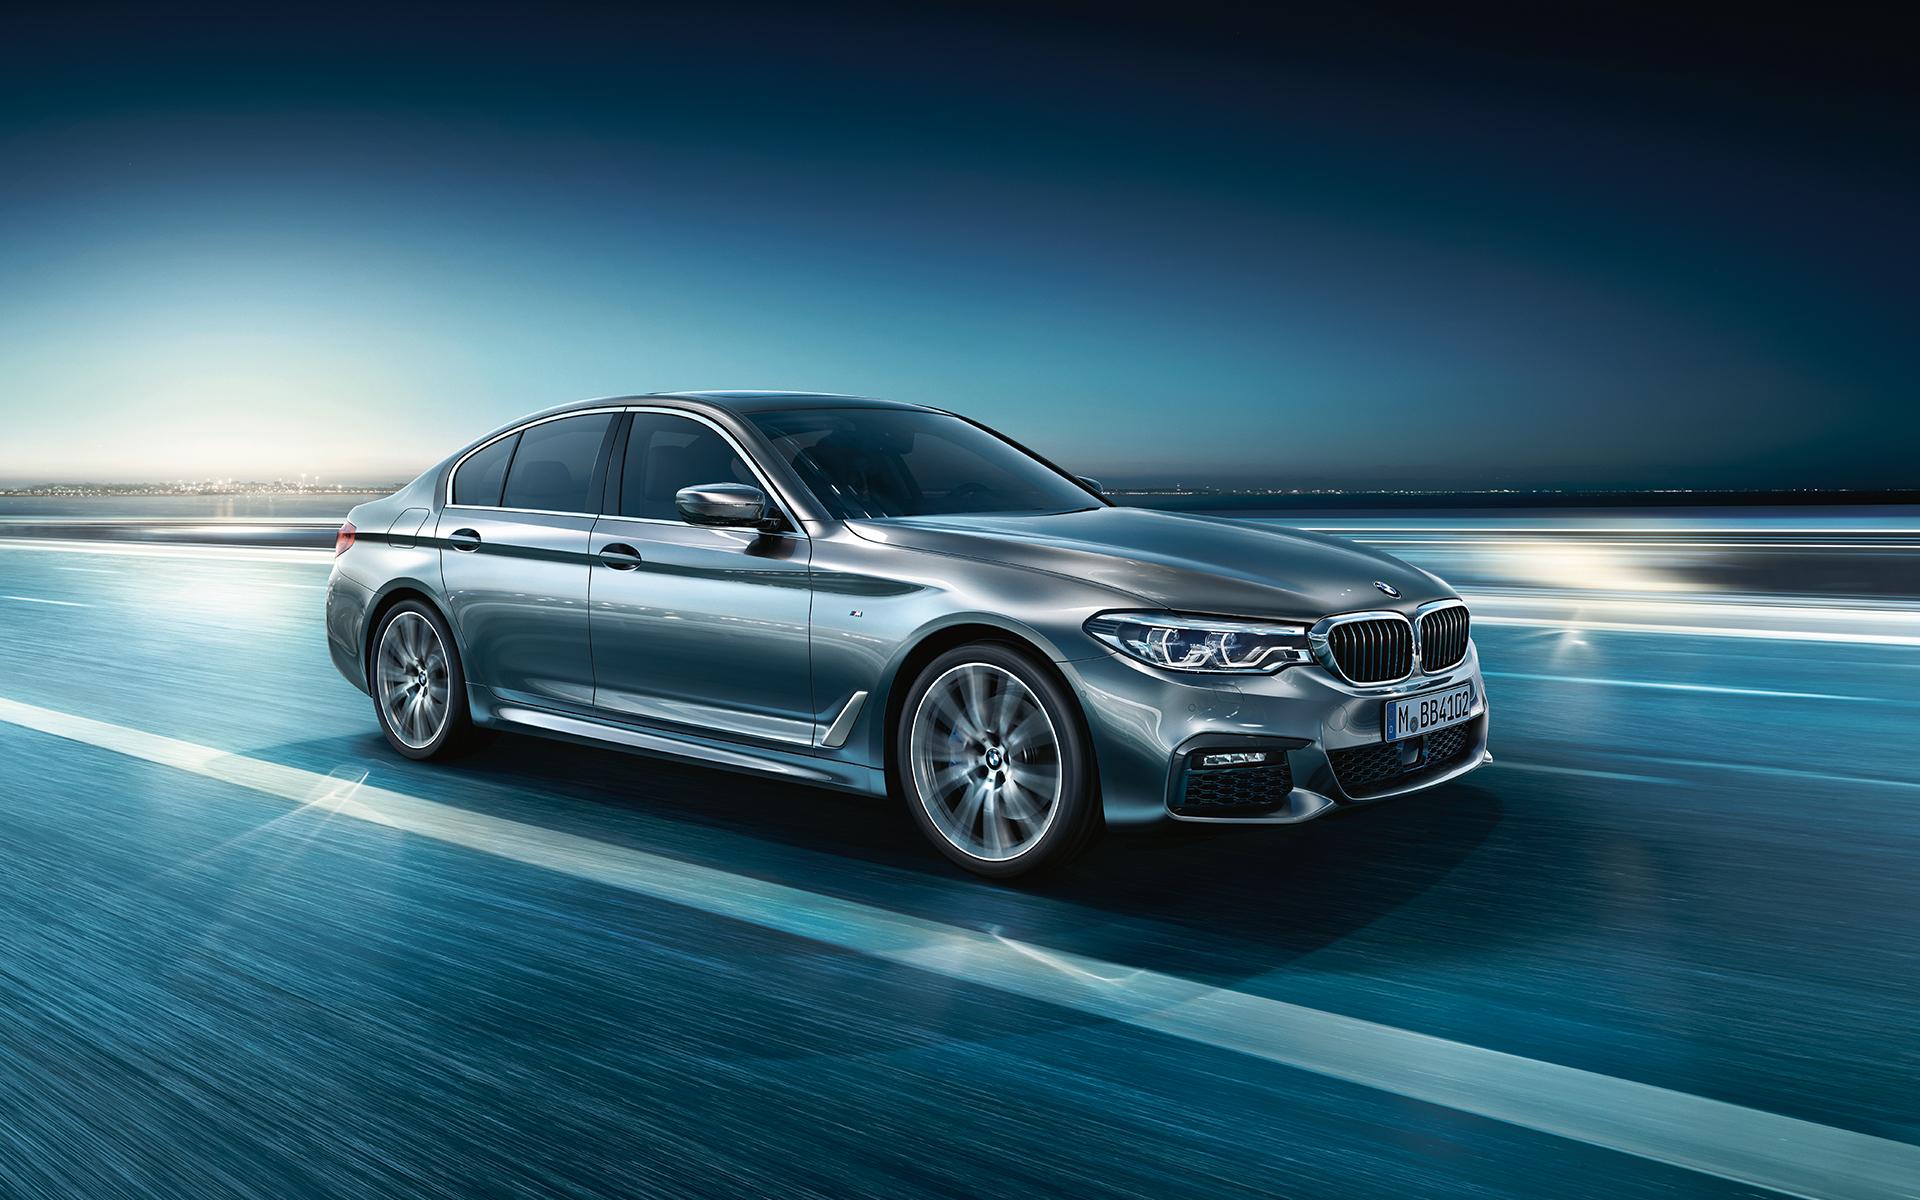 BMW الفئة الخامسة 530i الجديدة 2019